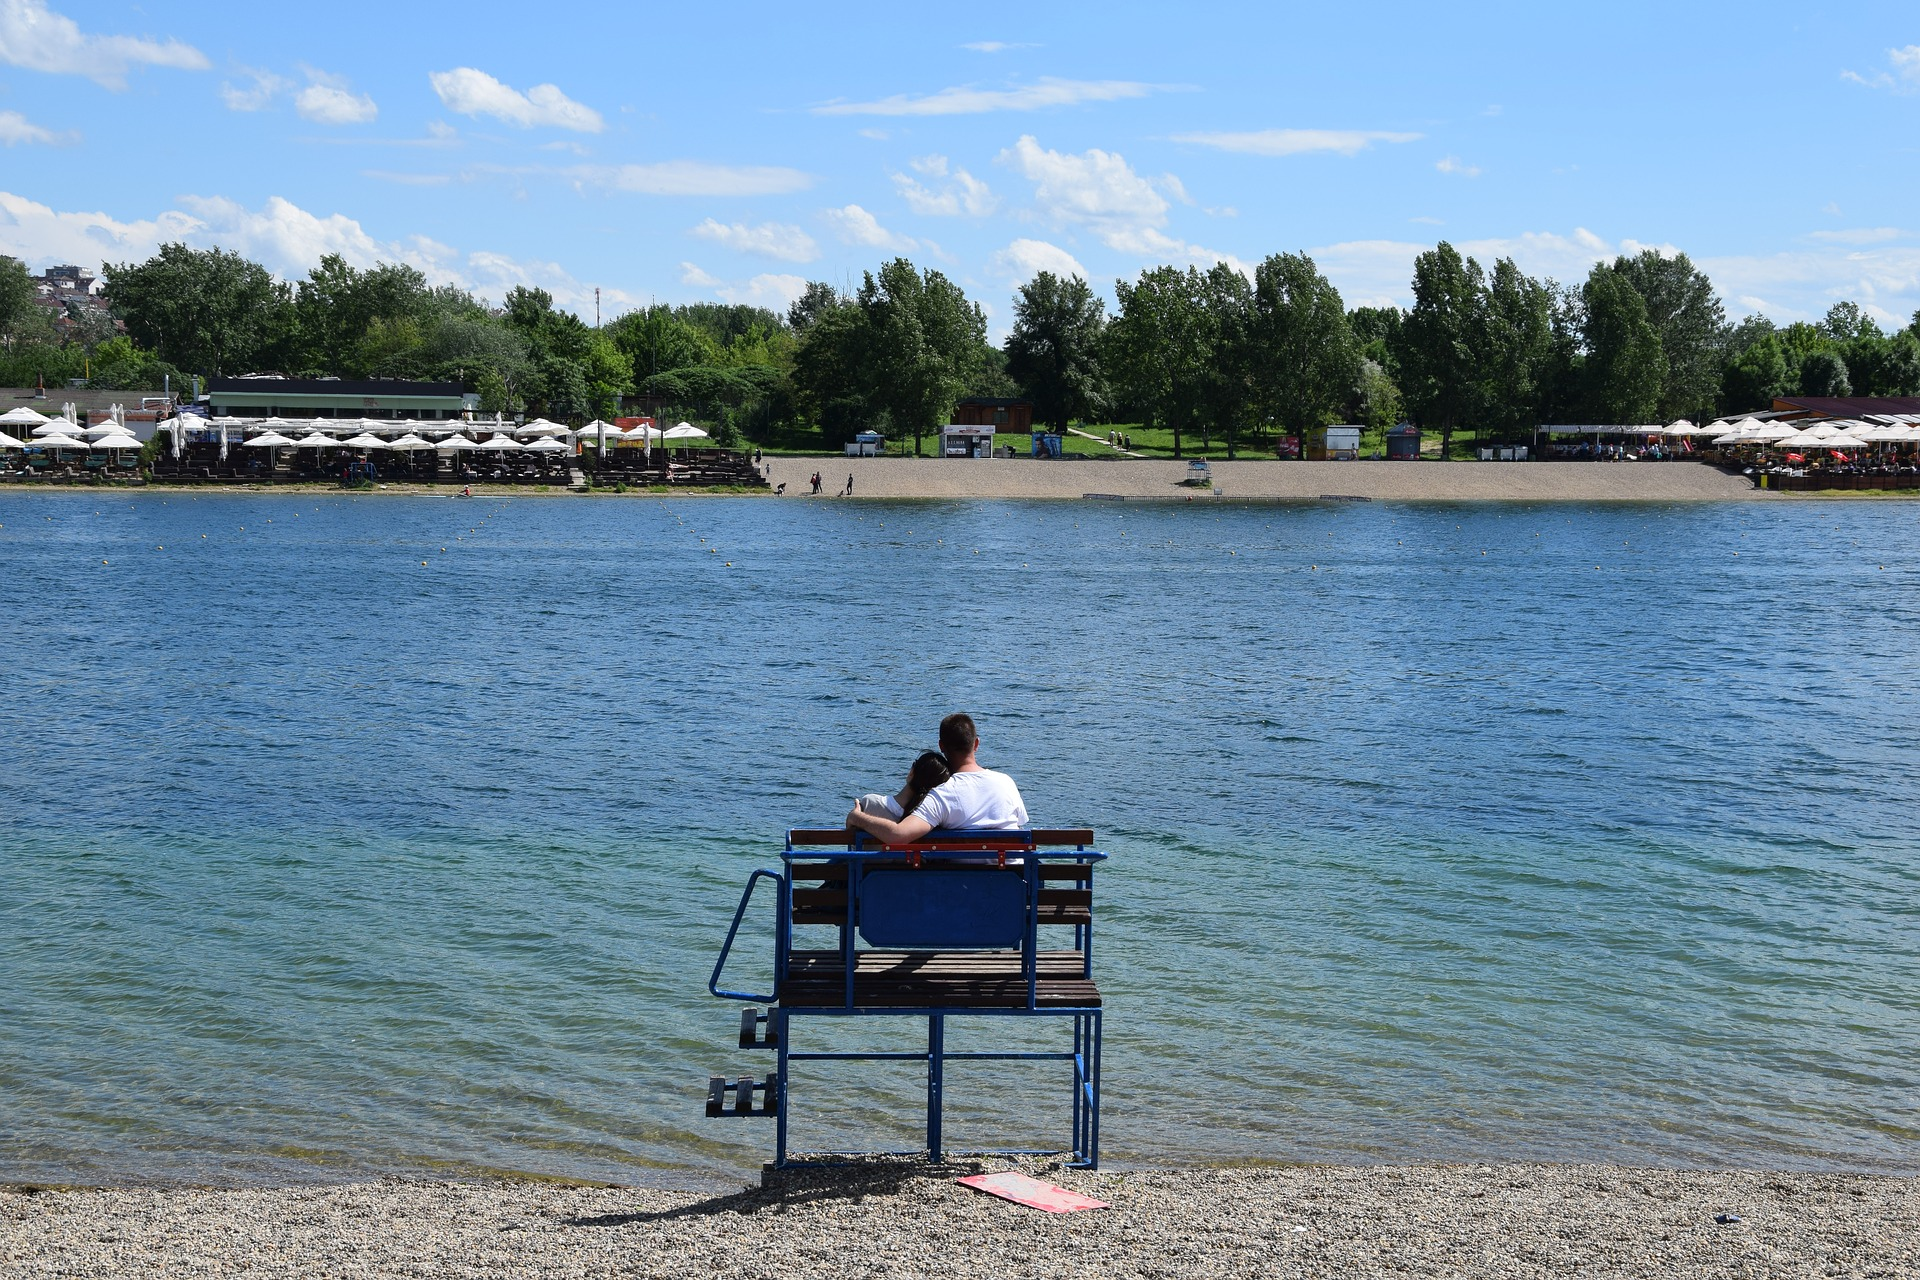 Ein Paar sitzt auf einer Bank am Save-See